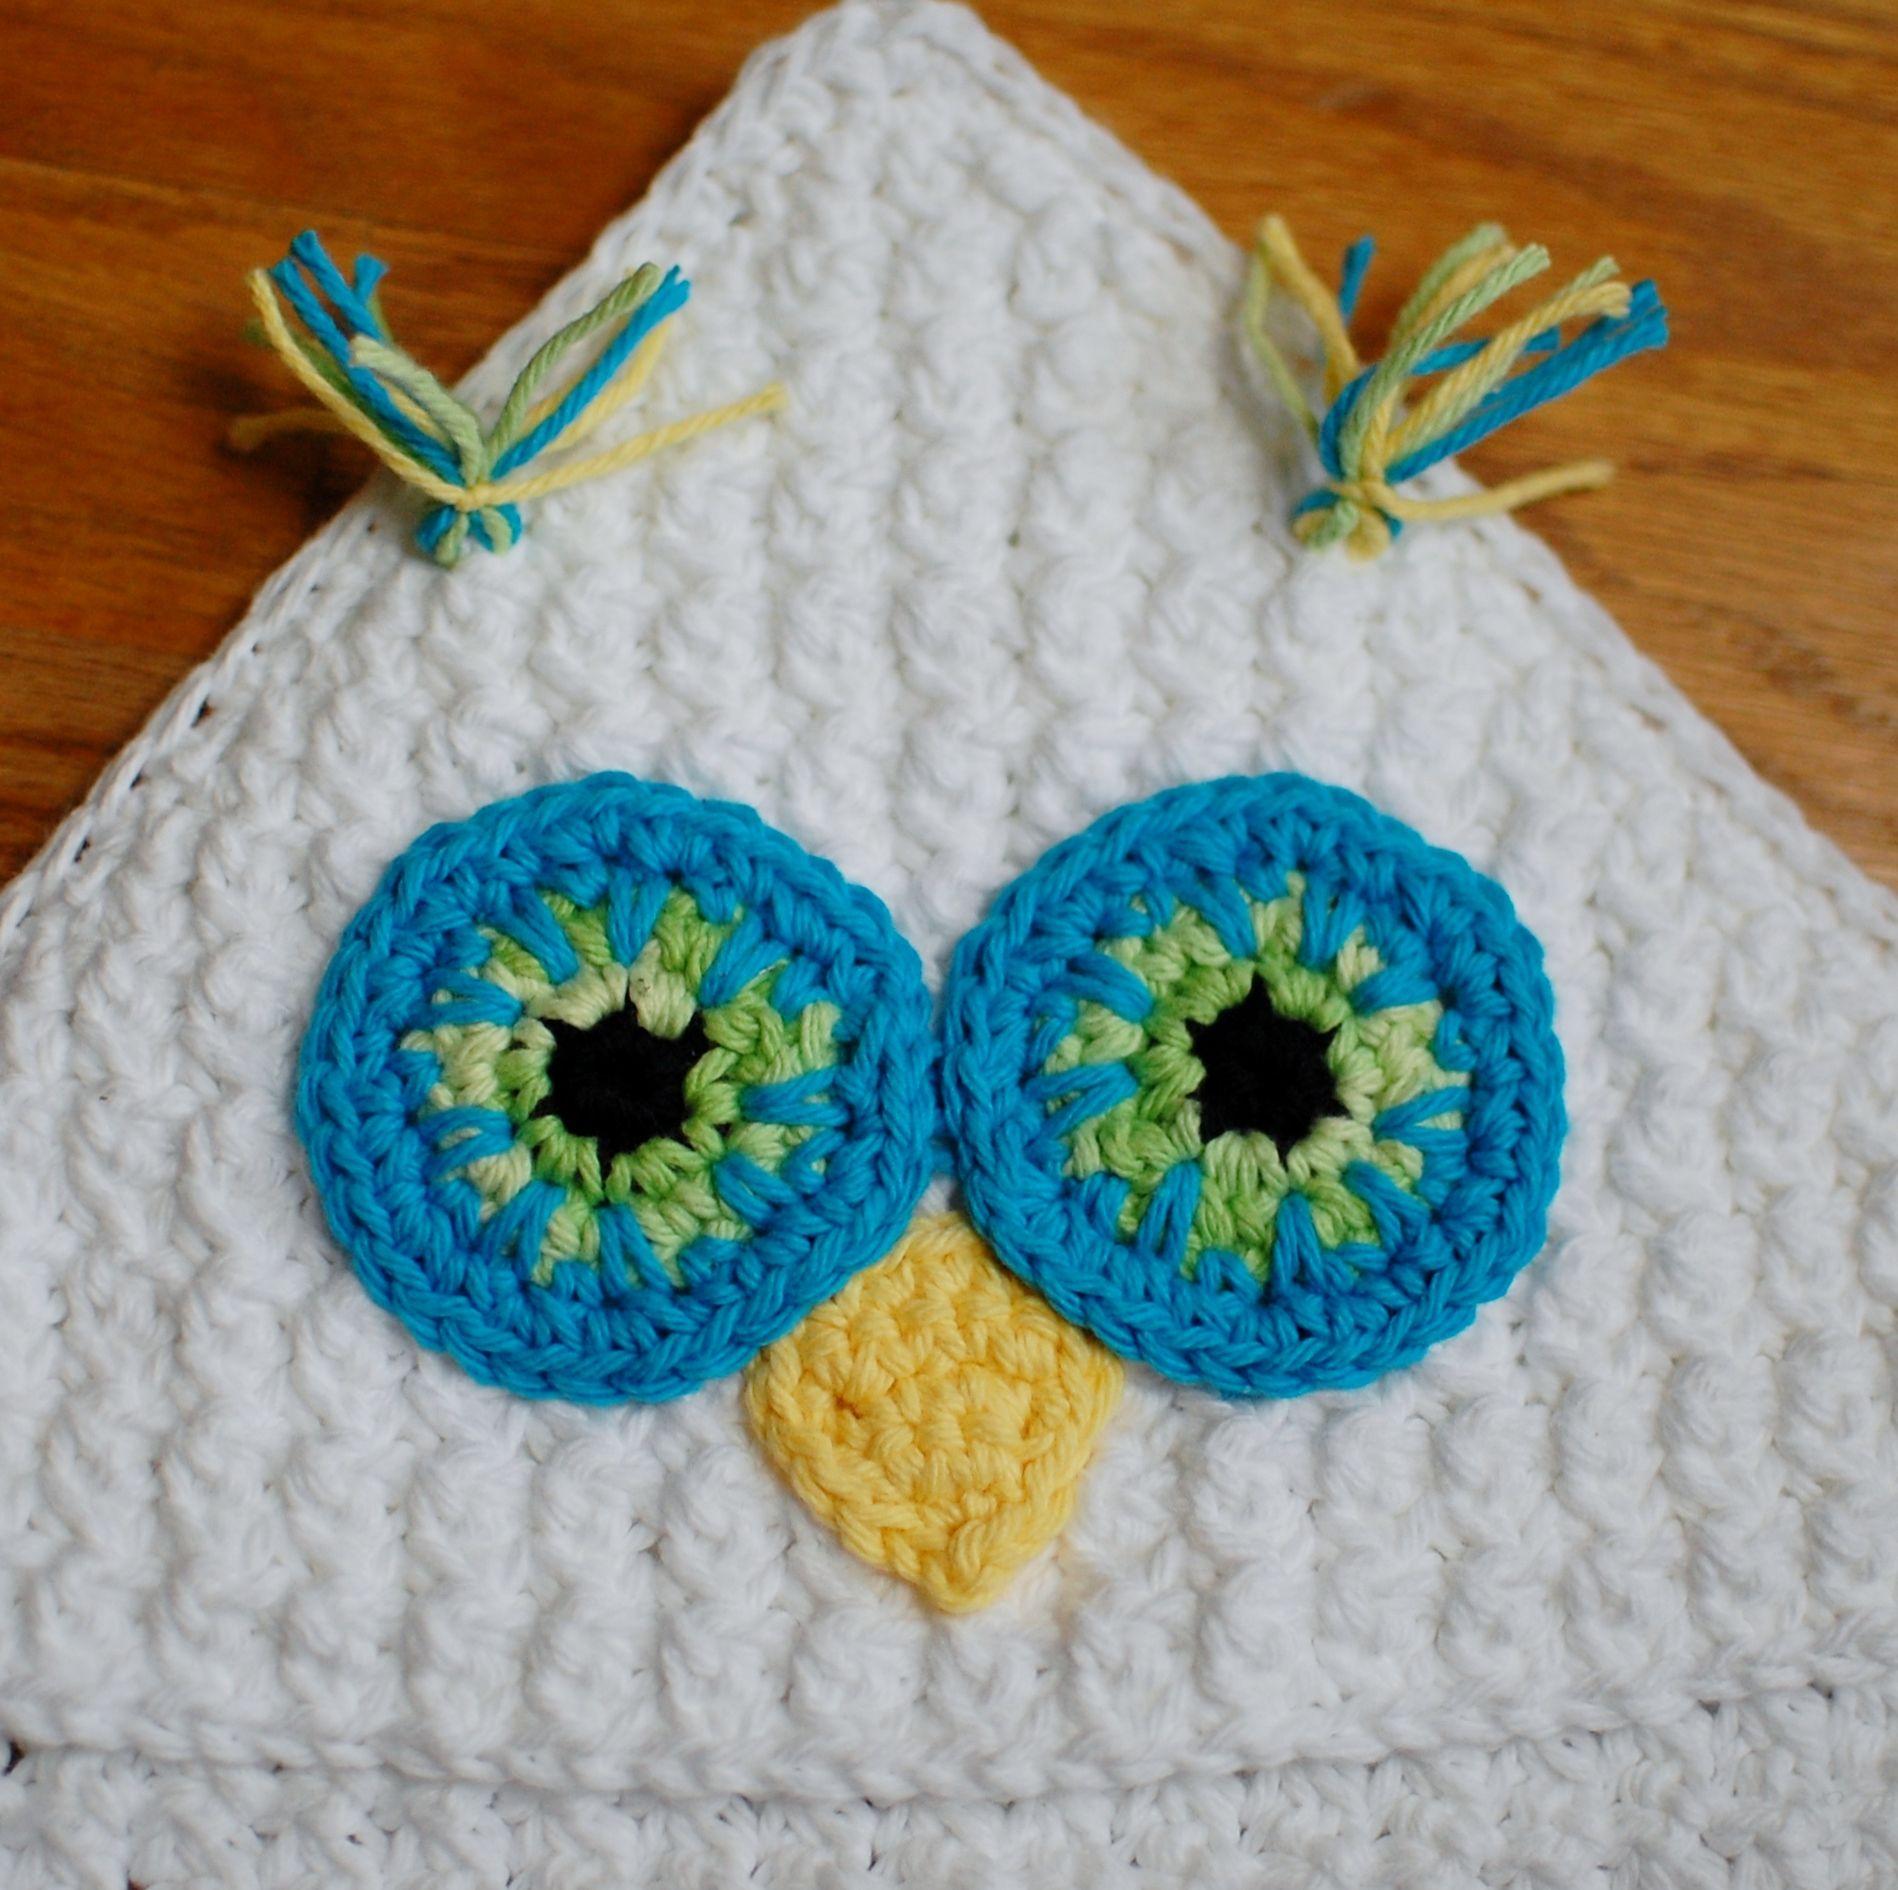 Freecrochetowlblanketpatterns crochet pattern owl hooded freecrochetowlblanketpatterns crochet pattern owl hooded baby bankloansurffo Images